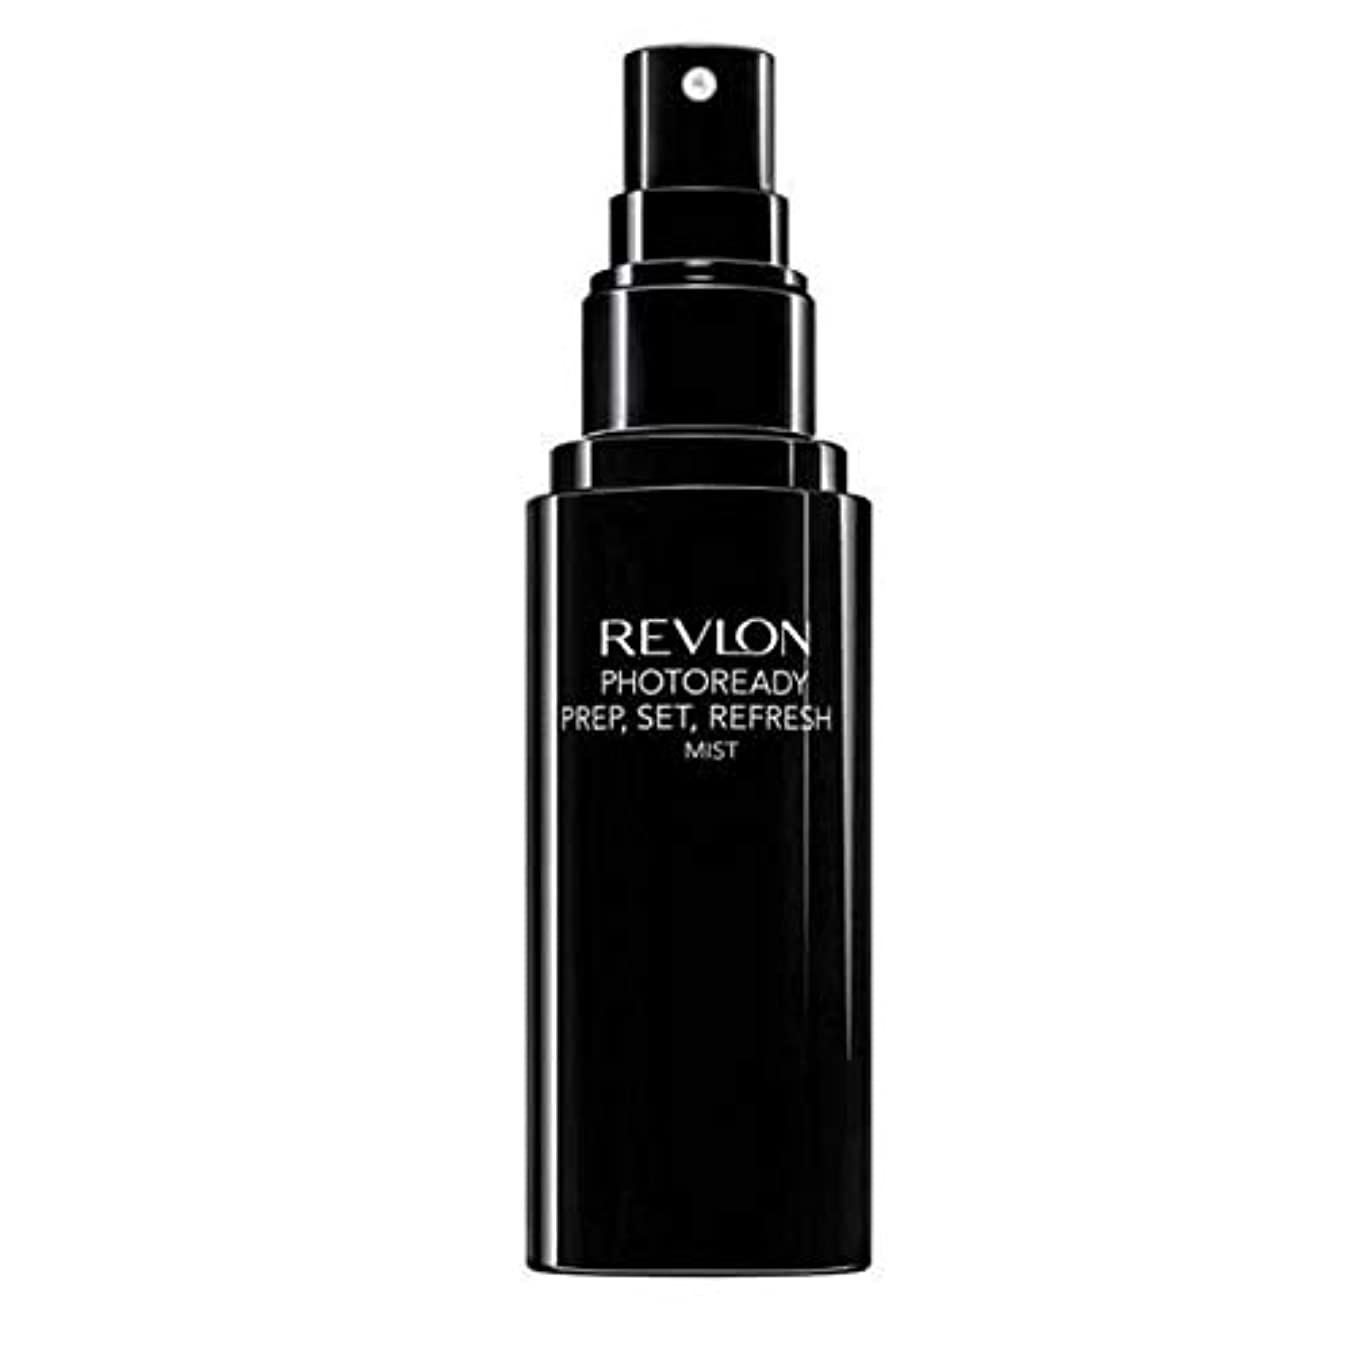 意義想定する引き出す[Revlon ] レブロンPhotoready準備、セット、リフレッシュミスト - Revlon PhotoReady Prep, Set, Refresh Mist [並行輸入品]